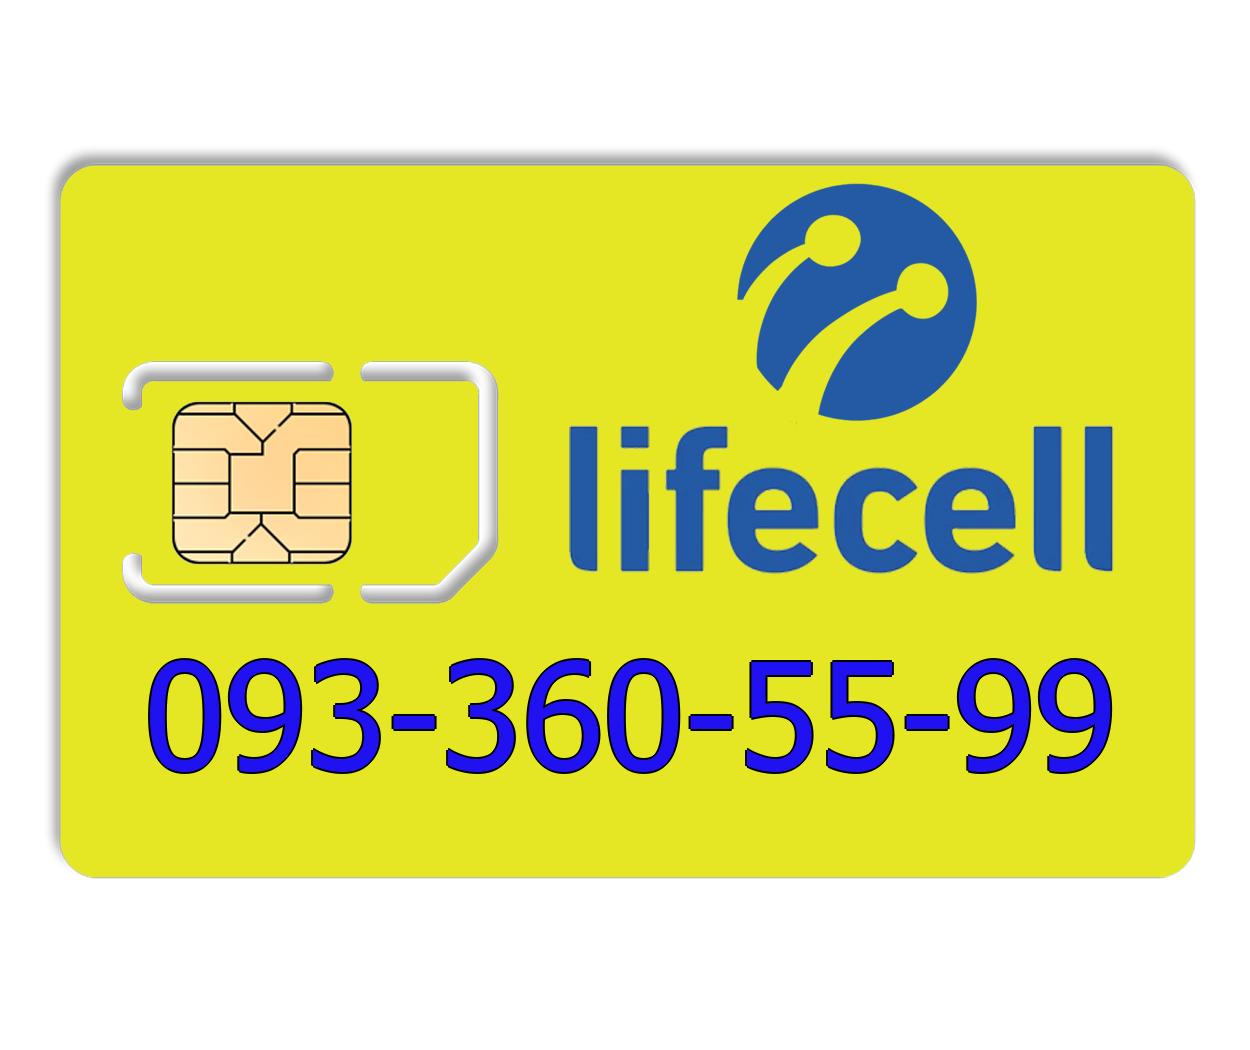 Красивый номер lifecell 093-360-55-99